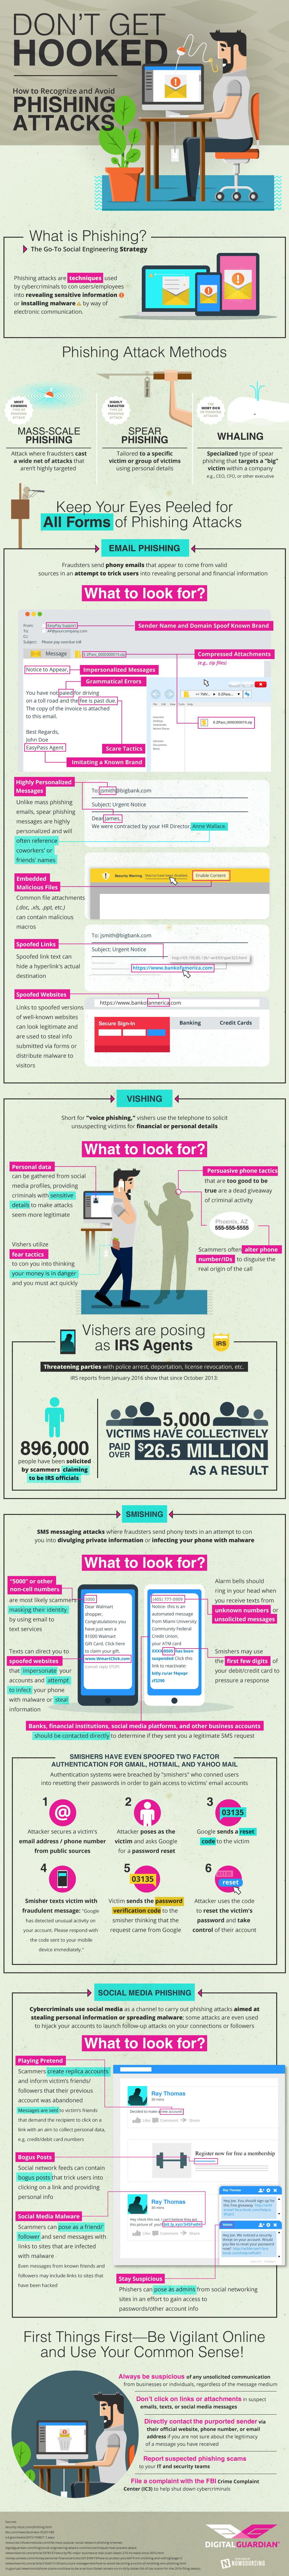 privacyguard-phishing-attacks-infographic.jpg